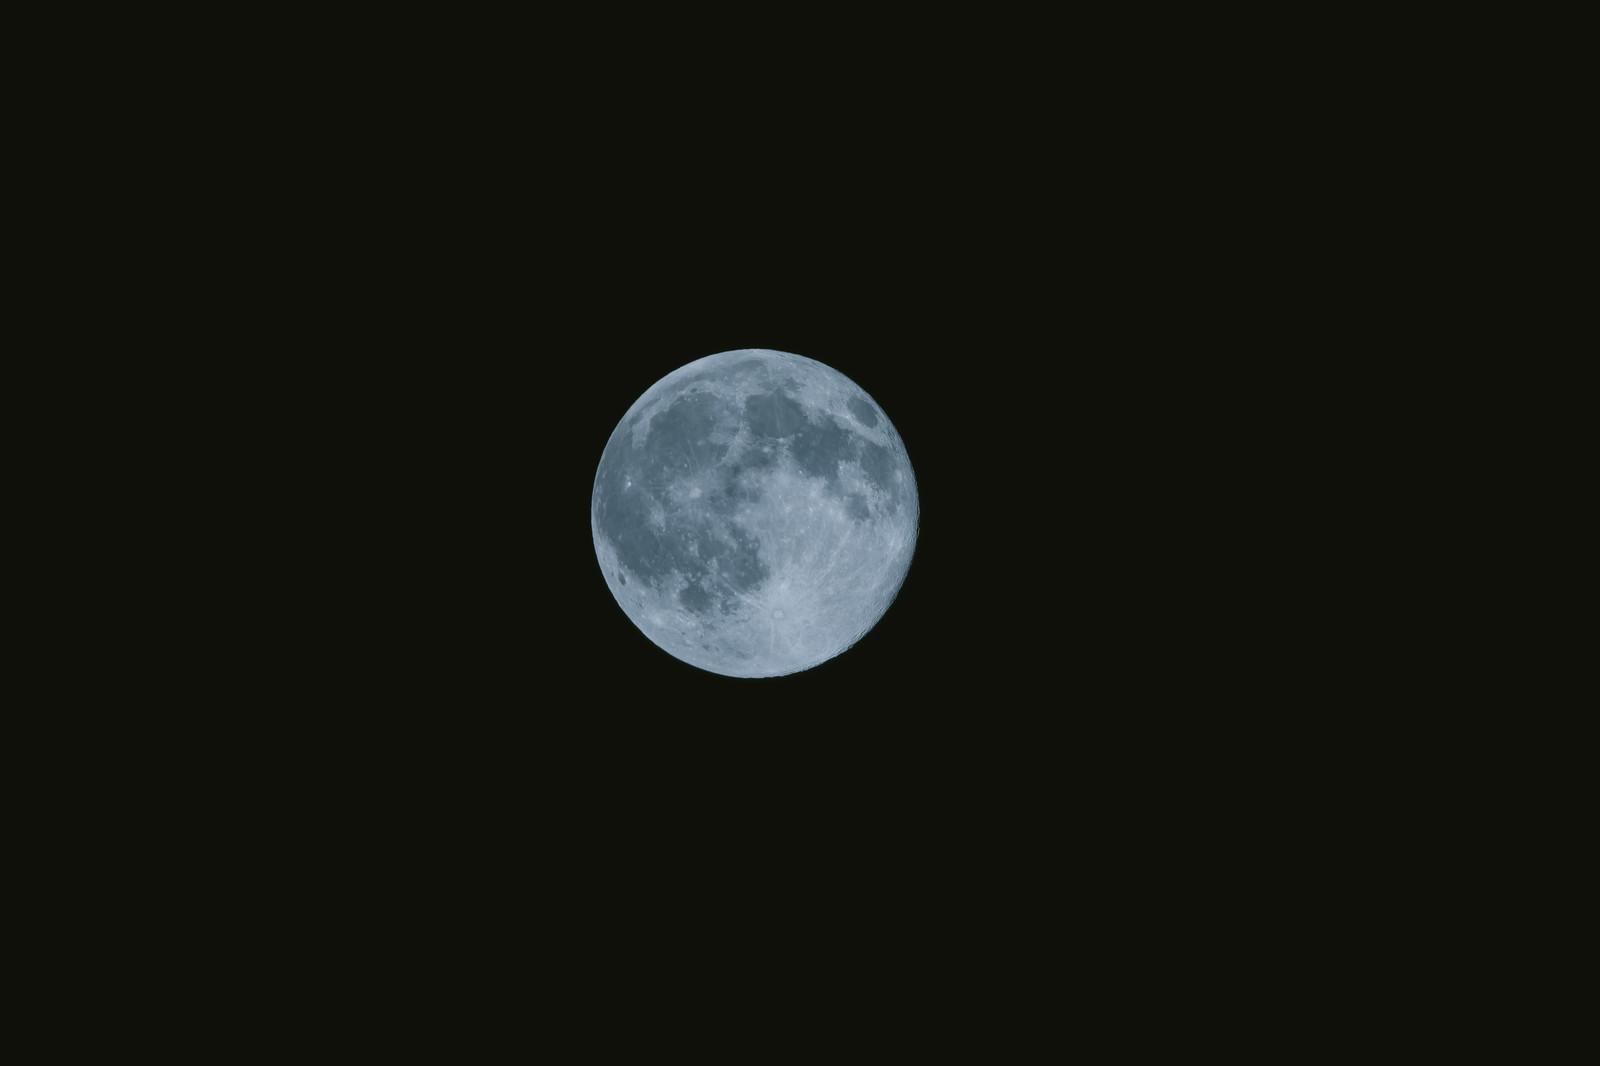 月とすっぽん